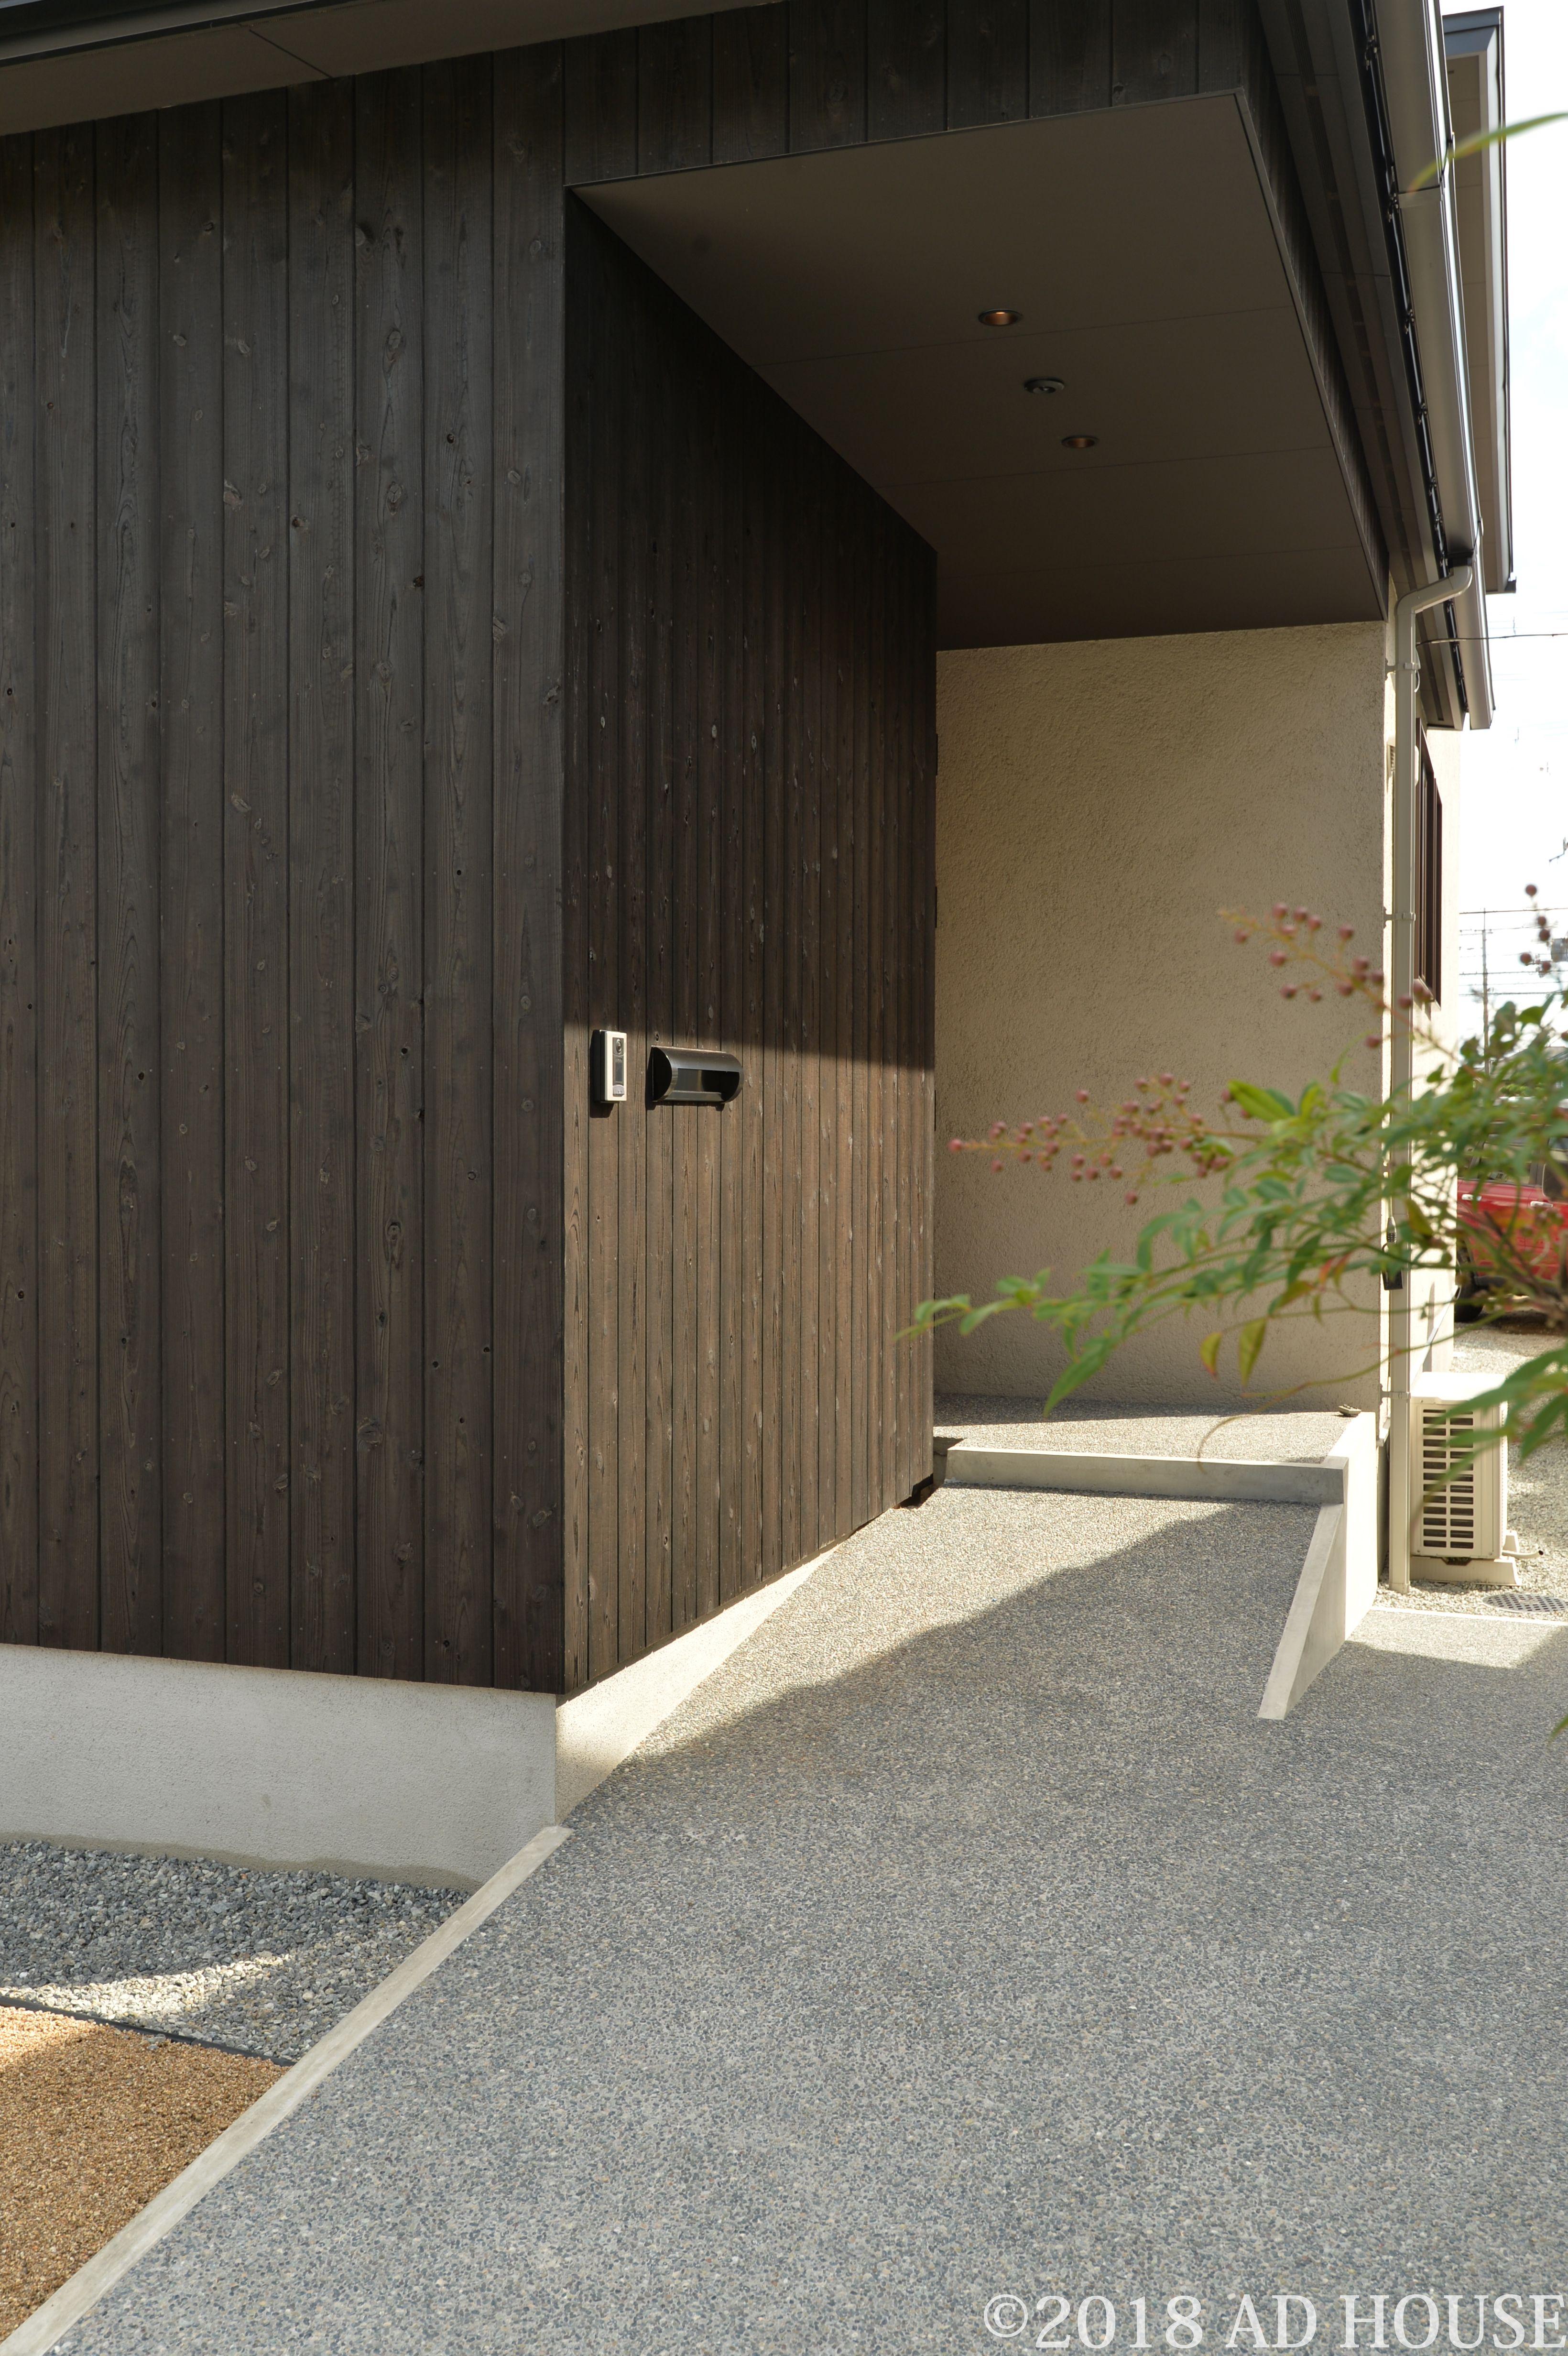 外壁は黒塗装の焼杉板 洗い出し仕上げのスロープのアプローチ 中で